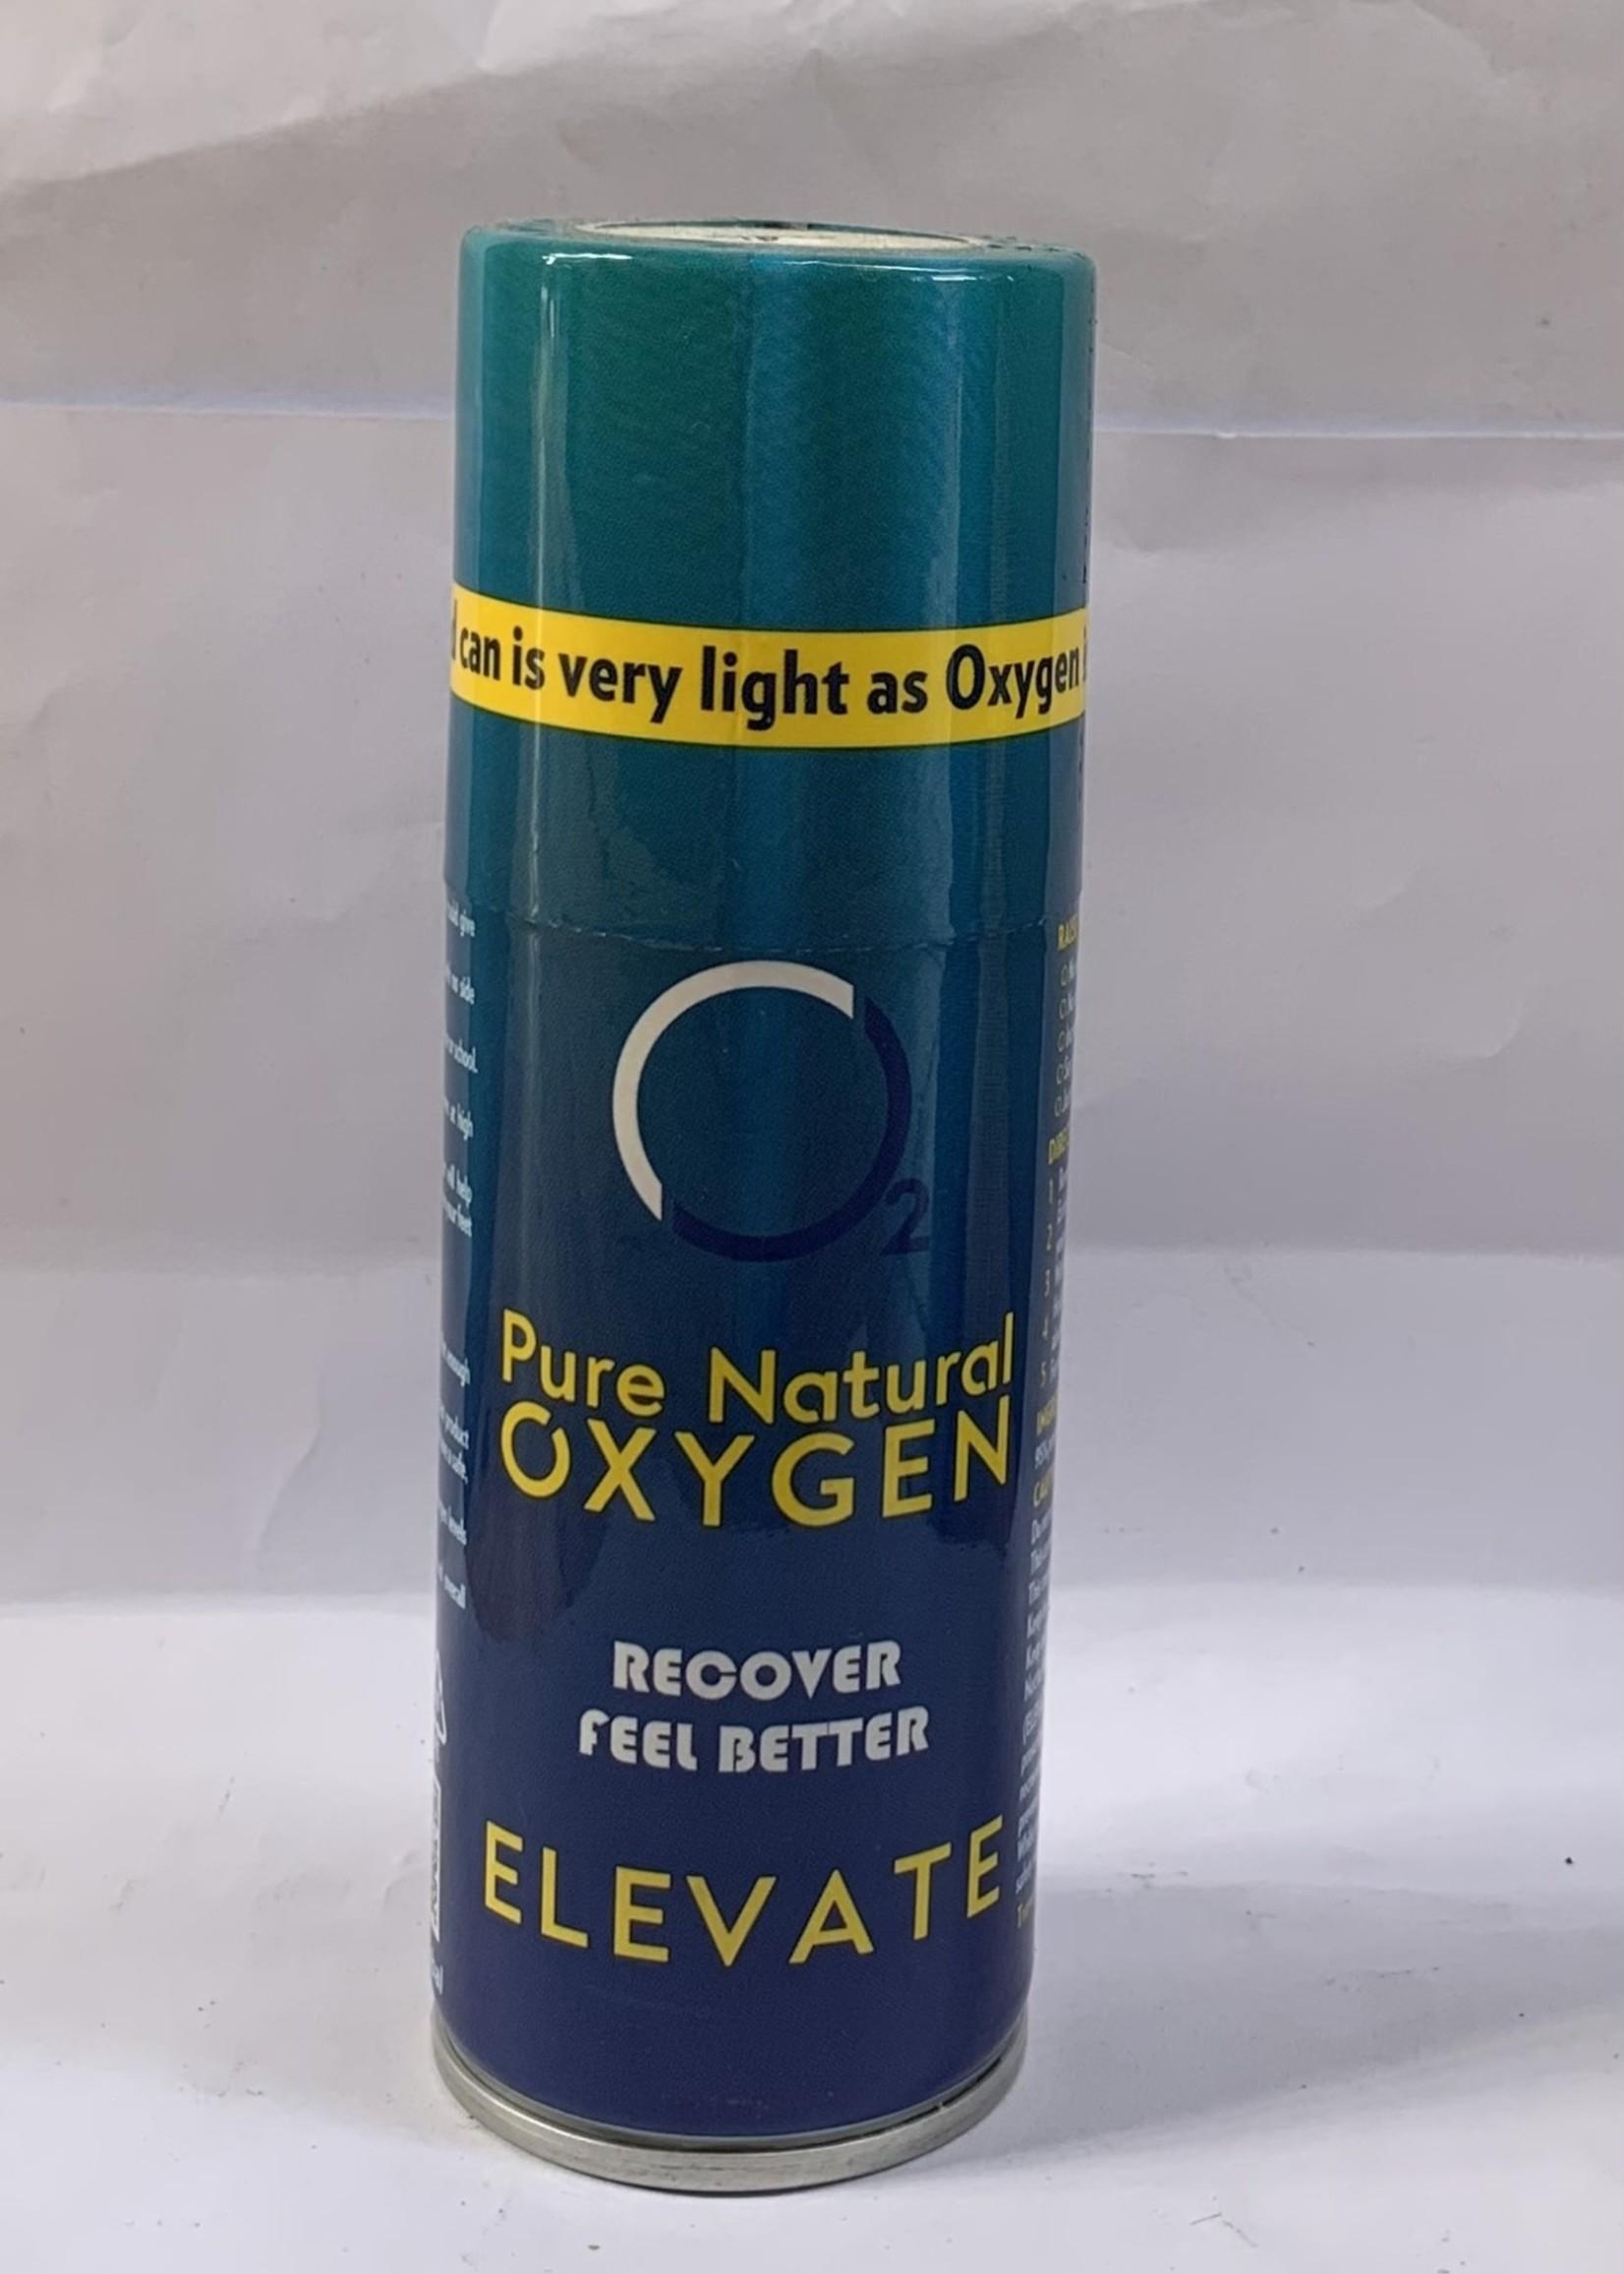 Oxygen- 2 litres - plain